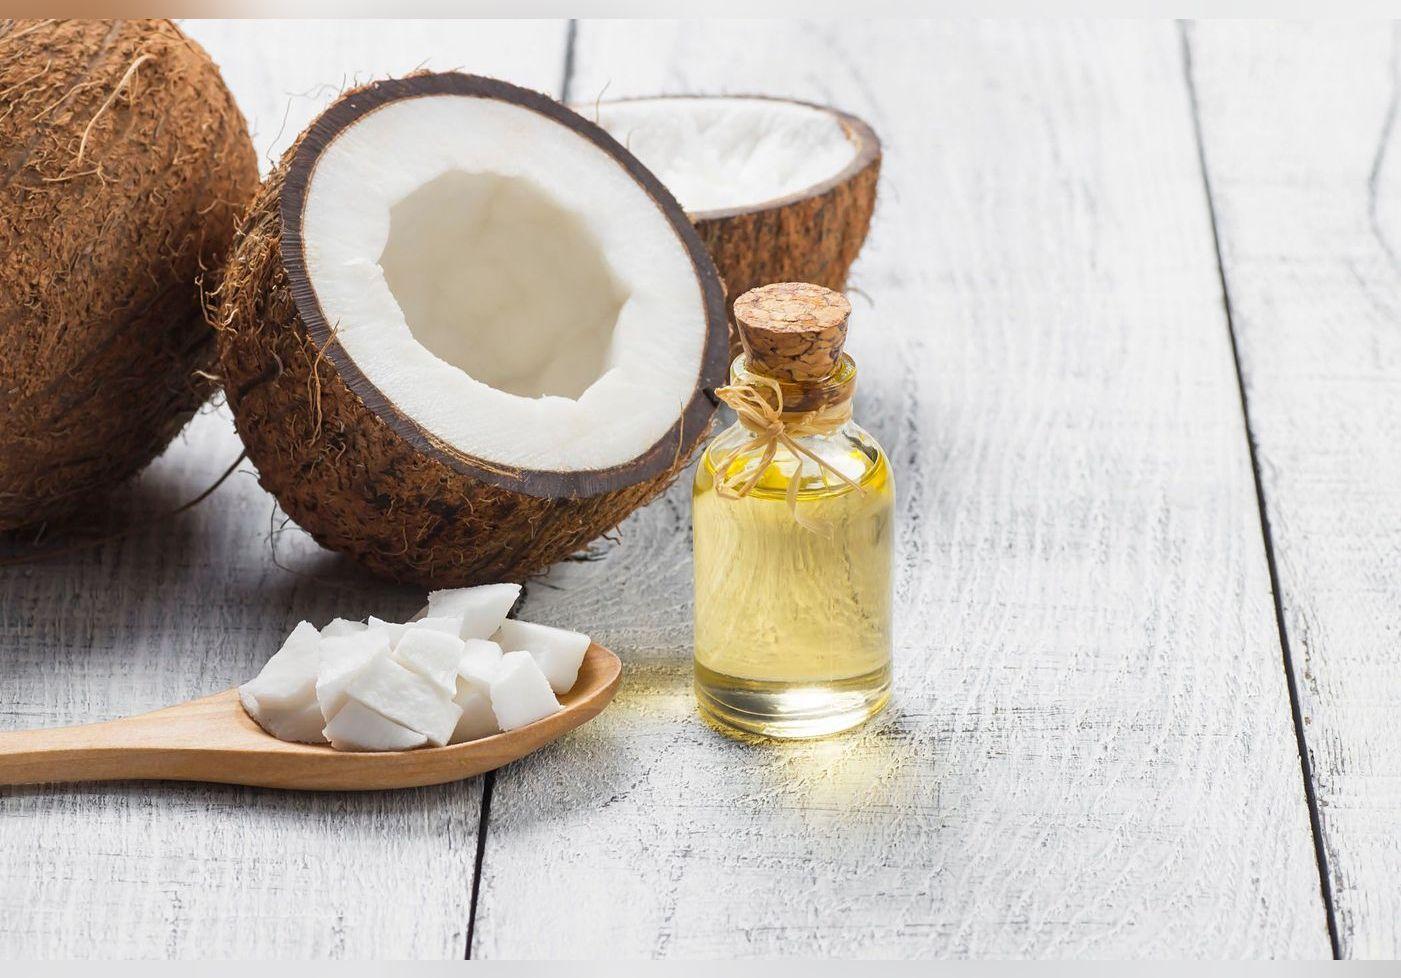 Voici l'astuce pour réaliser facilement son huile de coco maison